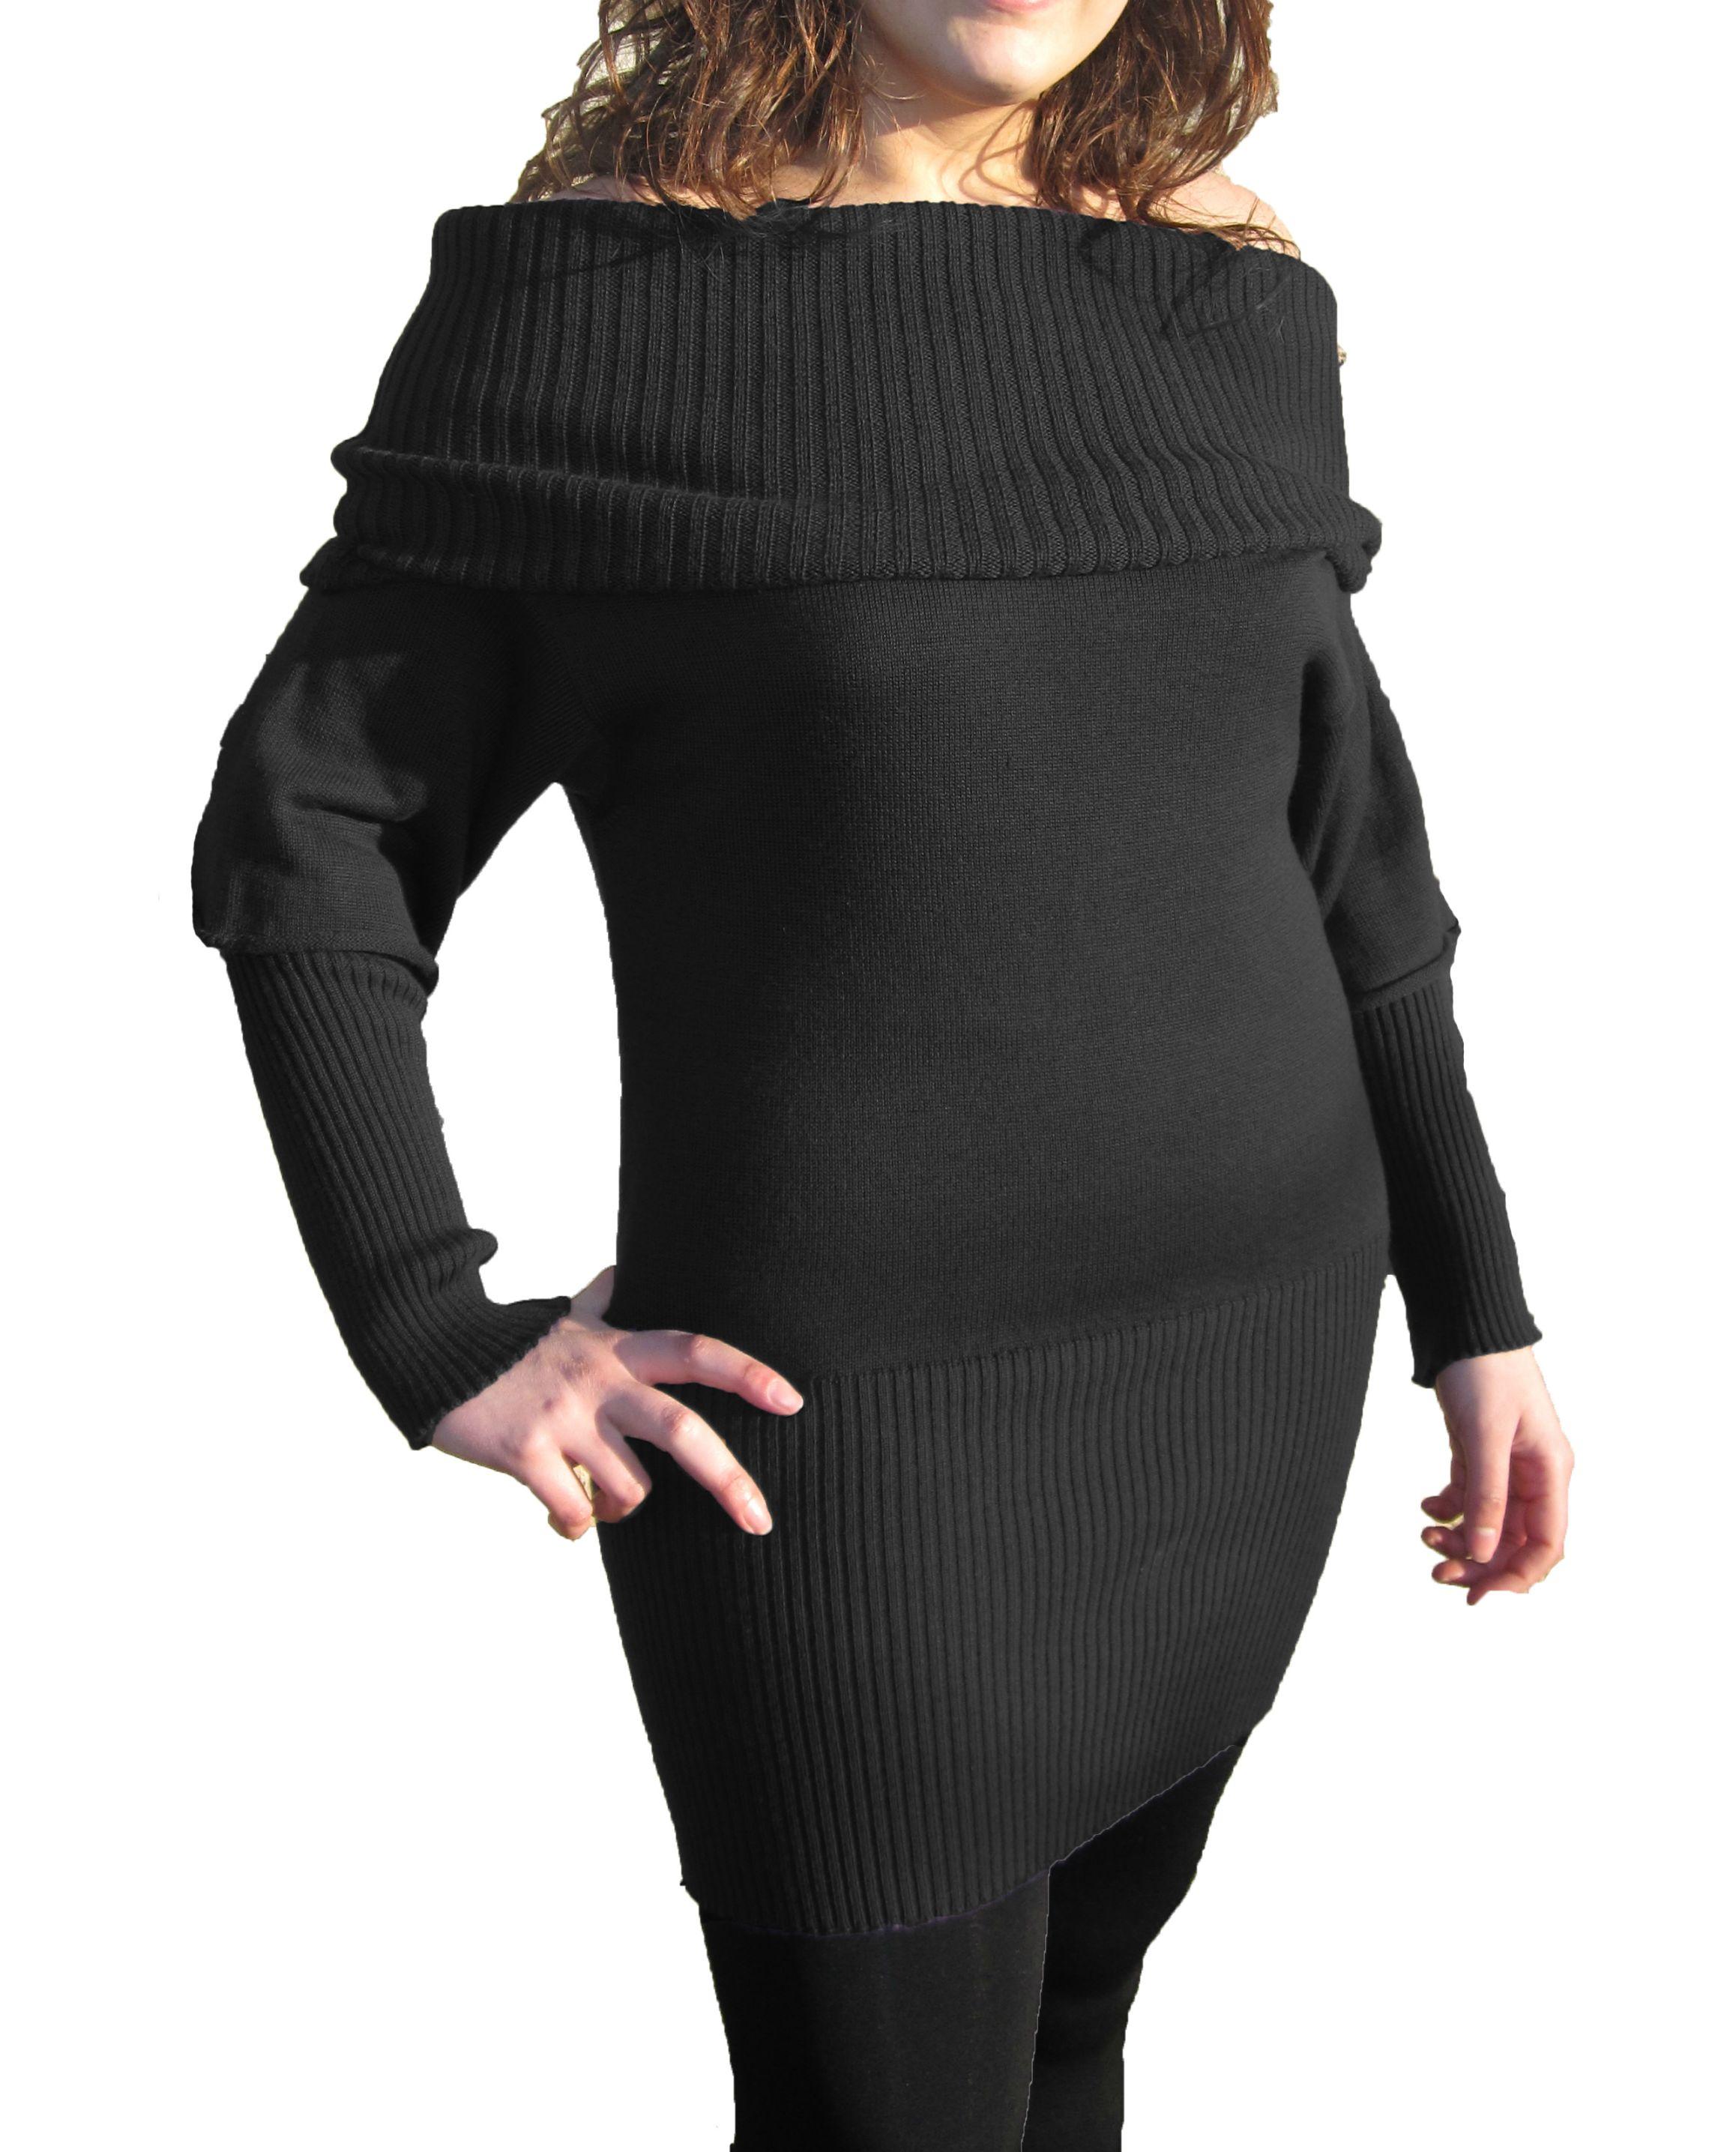 huge discount 21351 68975 vestito-maglia-nero - Maglificio ElleCreazioni